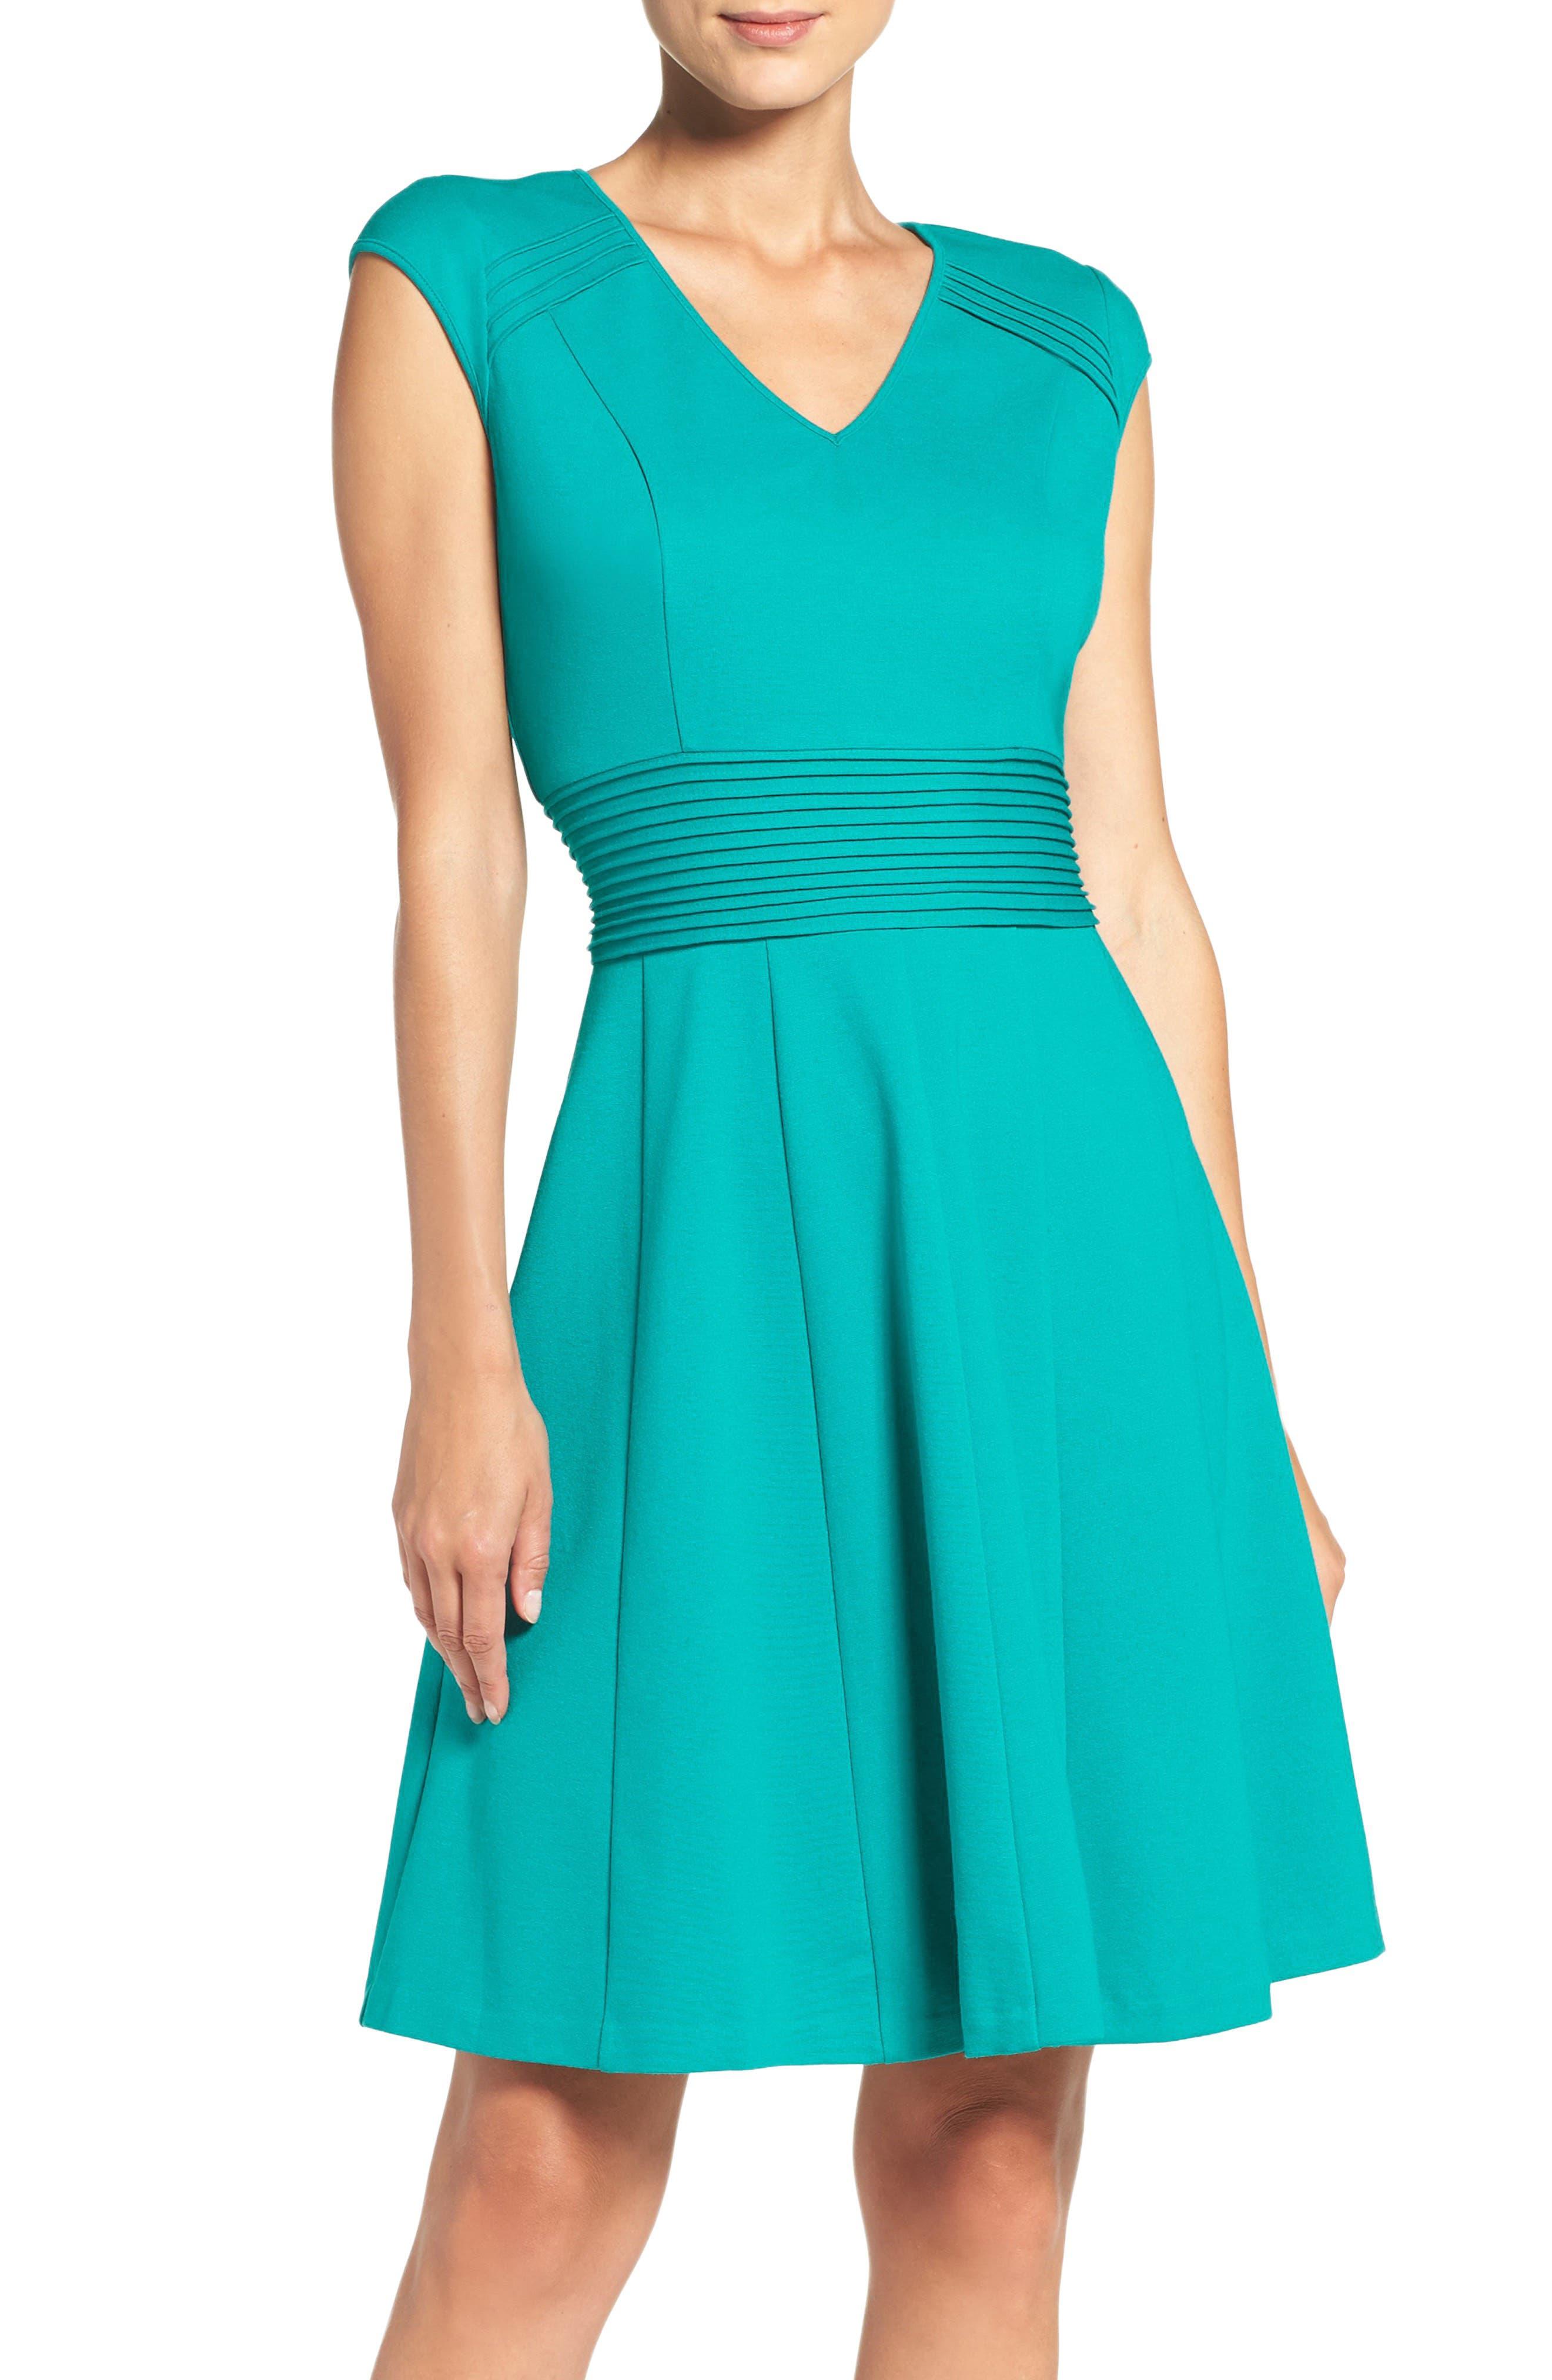 Alternate Image 1 Selected - Eliza J Ponte Fit & Flare Dress